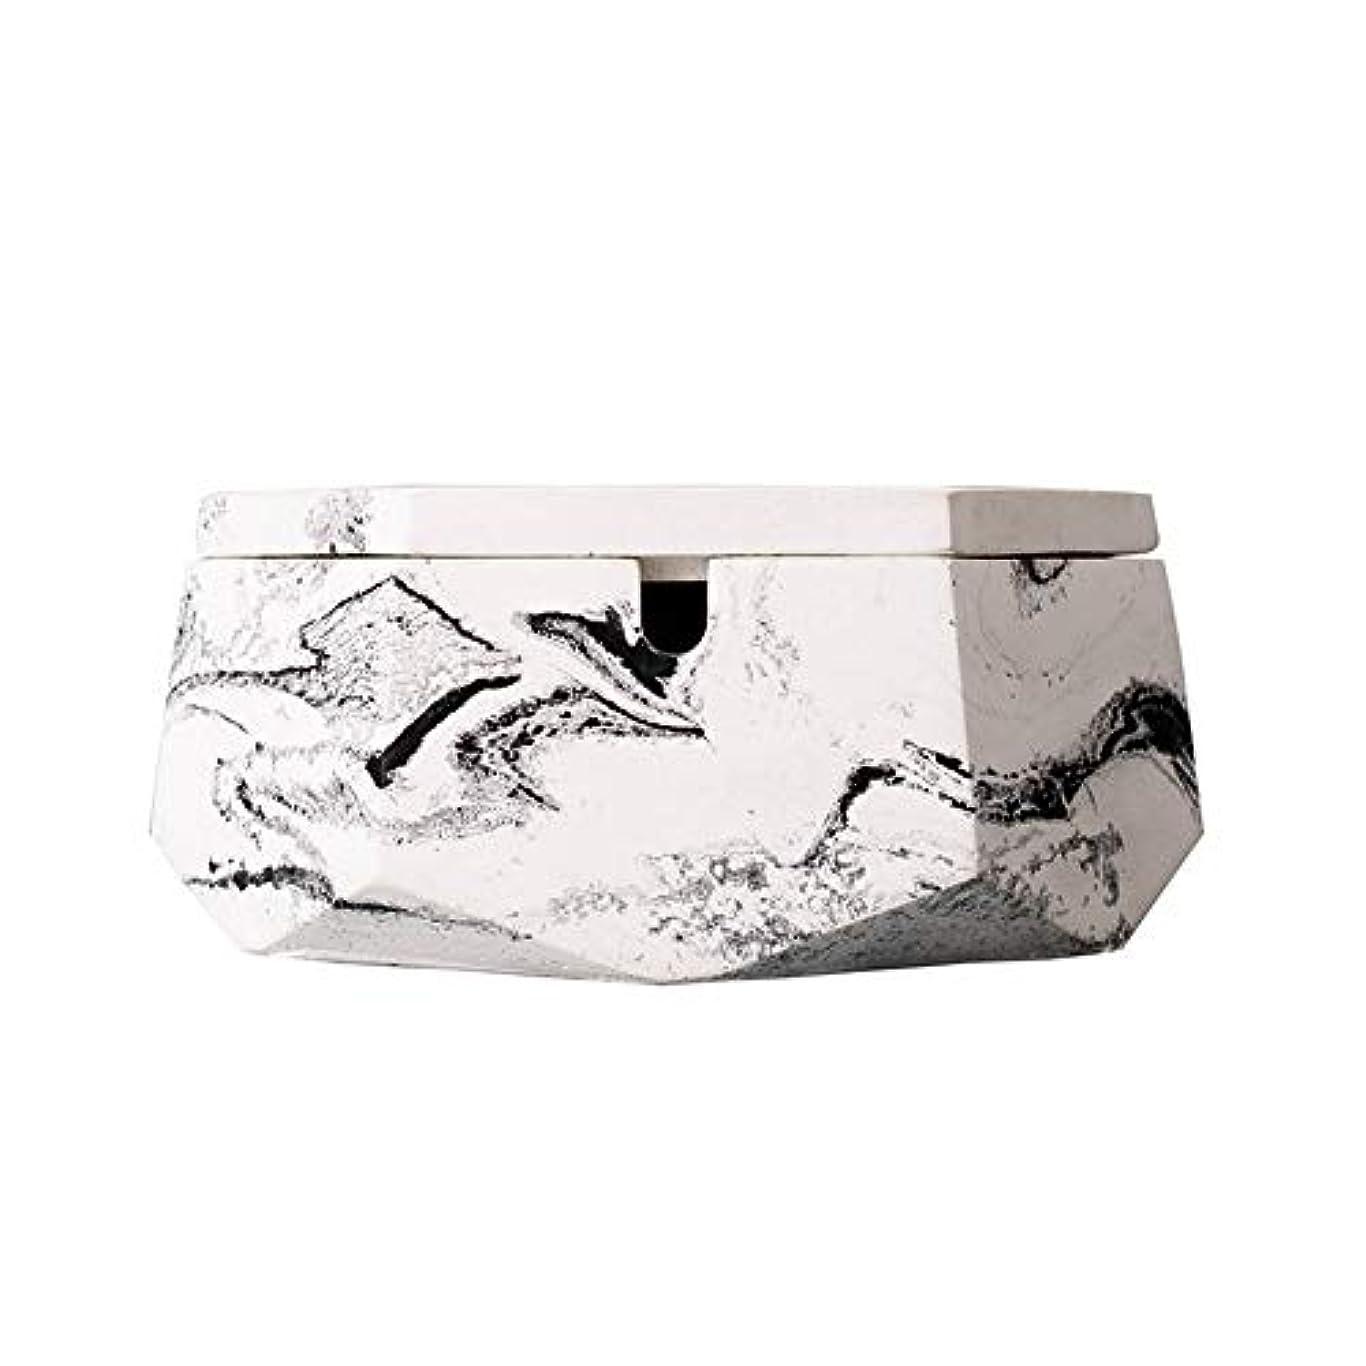 マトリックストレッドペルー灰皿、ふたが付いている新しさのステンレス鋼の現代卓上灰皿、屋内または屋外での使用のためのタバコの灰皿、喫煙者のための灰ホルダー、ホームオフィスの装飾のためのデスクトップの喫煙灰皿